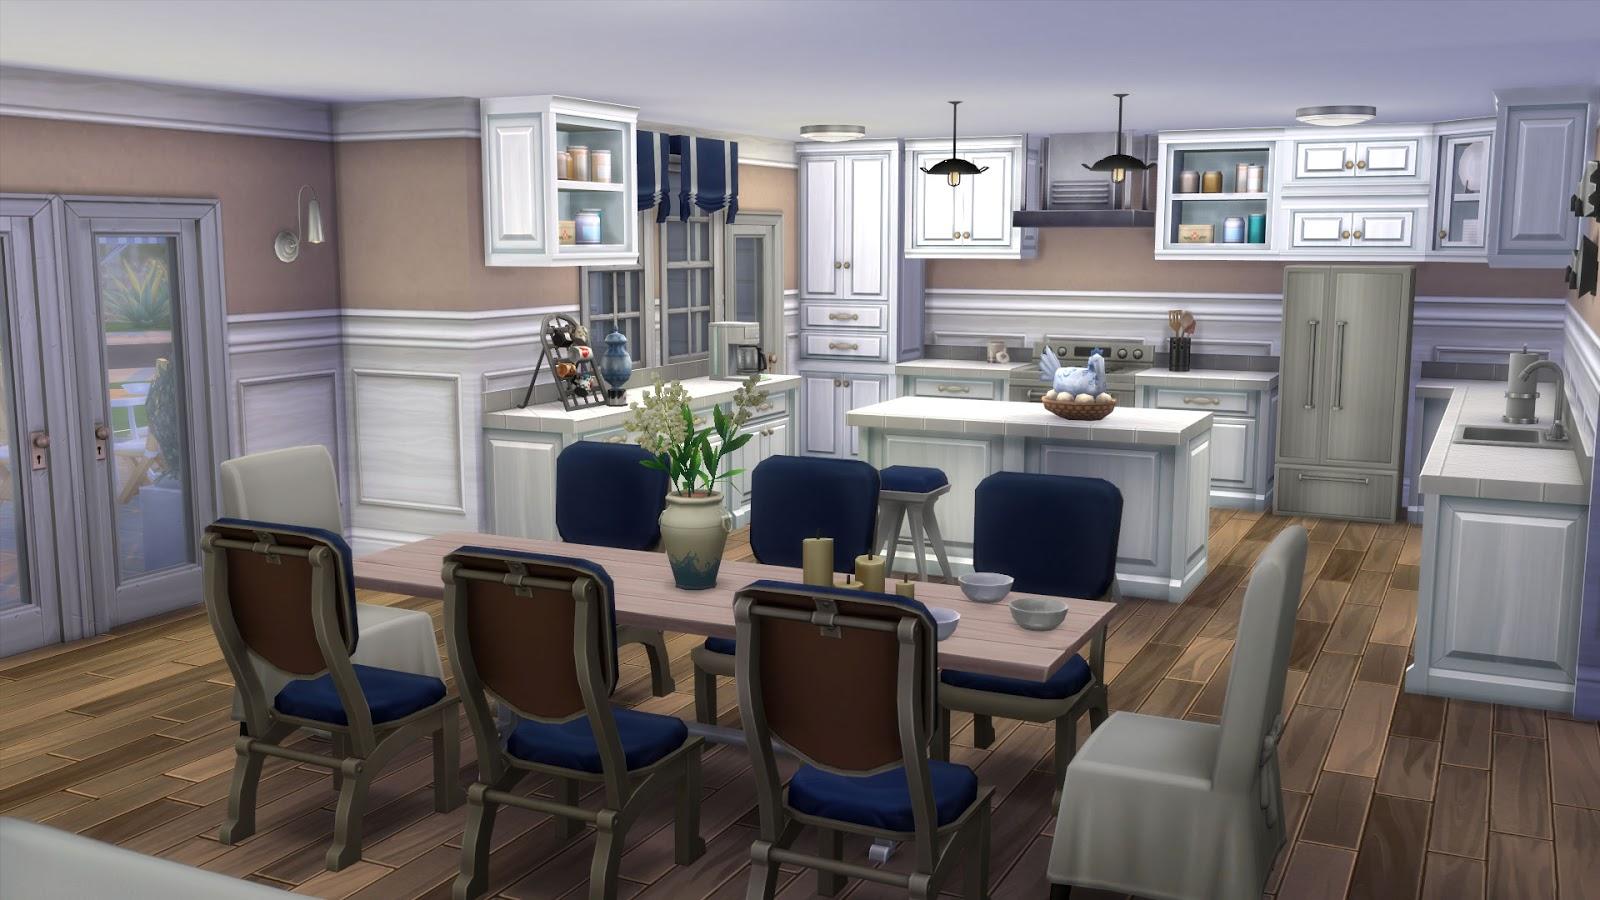 #73604A BeAzSims: Como criar uma cozinha espantosa em The Sims 4 1600x900 px Banco Para Cozinha Americana Ponto Frio_2571 Imagens